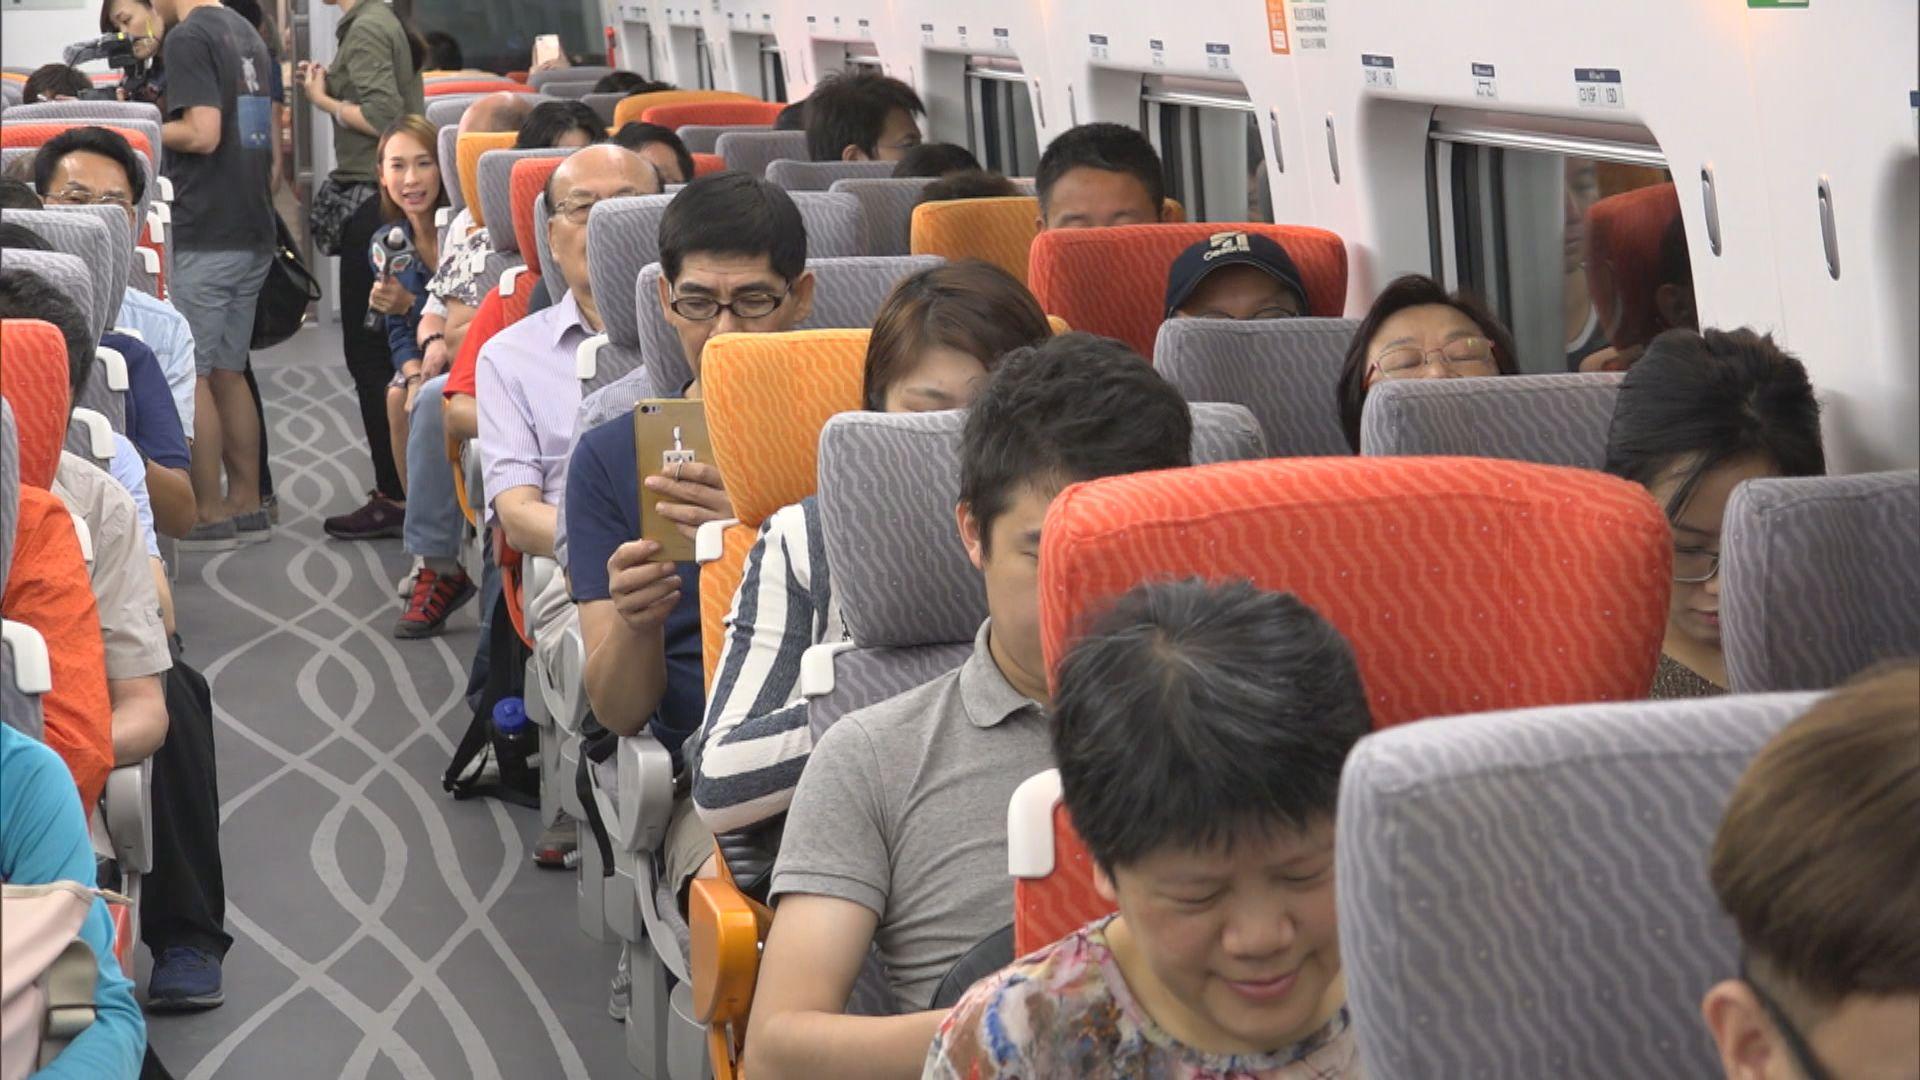 高度懷疑患者座位前後兩行乘客需入隔離營